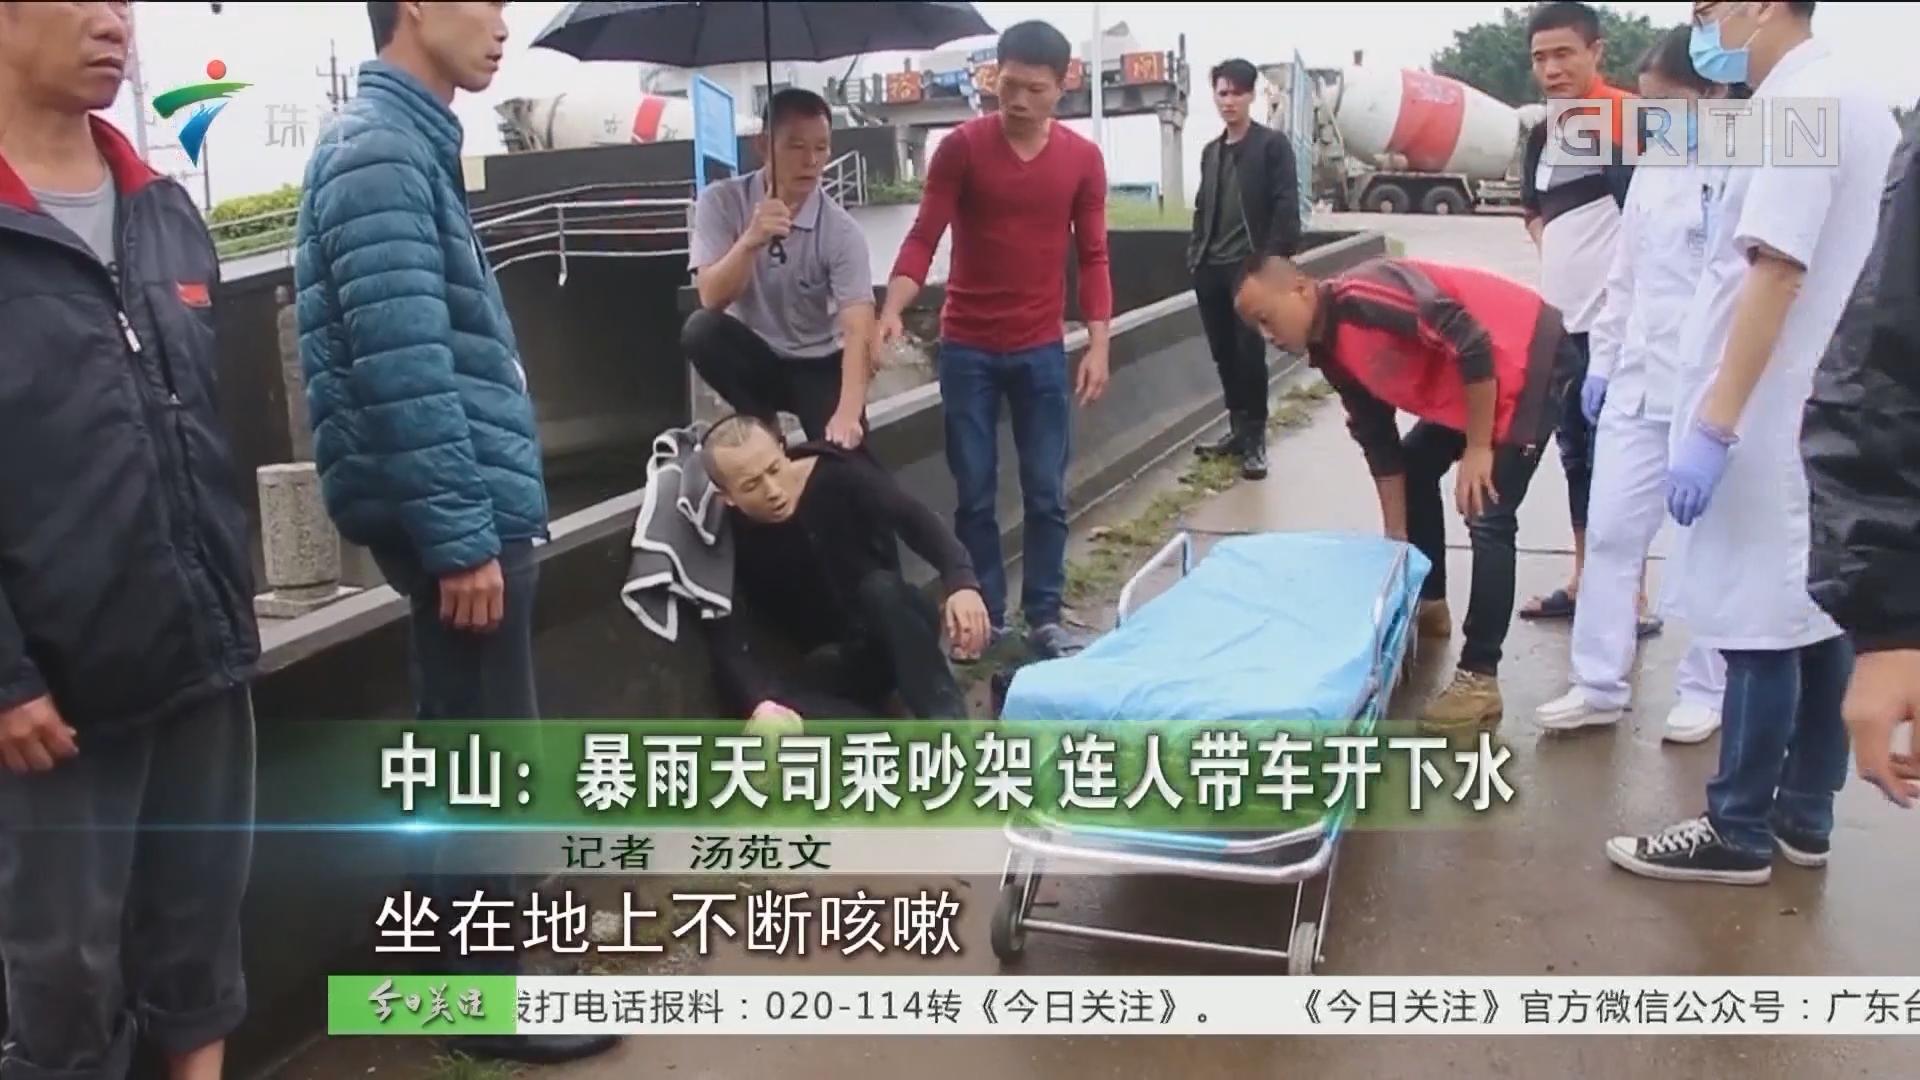 中山:暴雨天司乘吵架 连人带车开下水